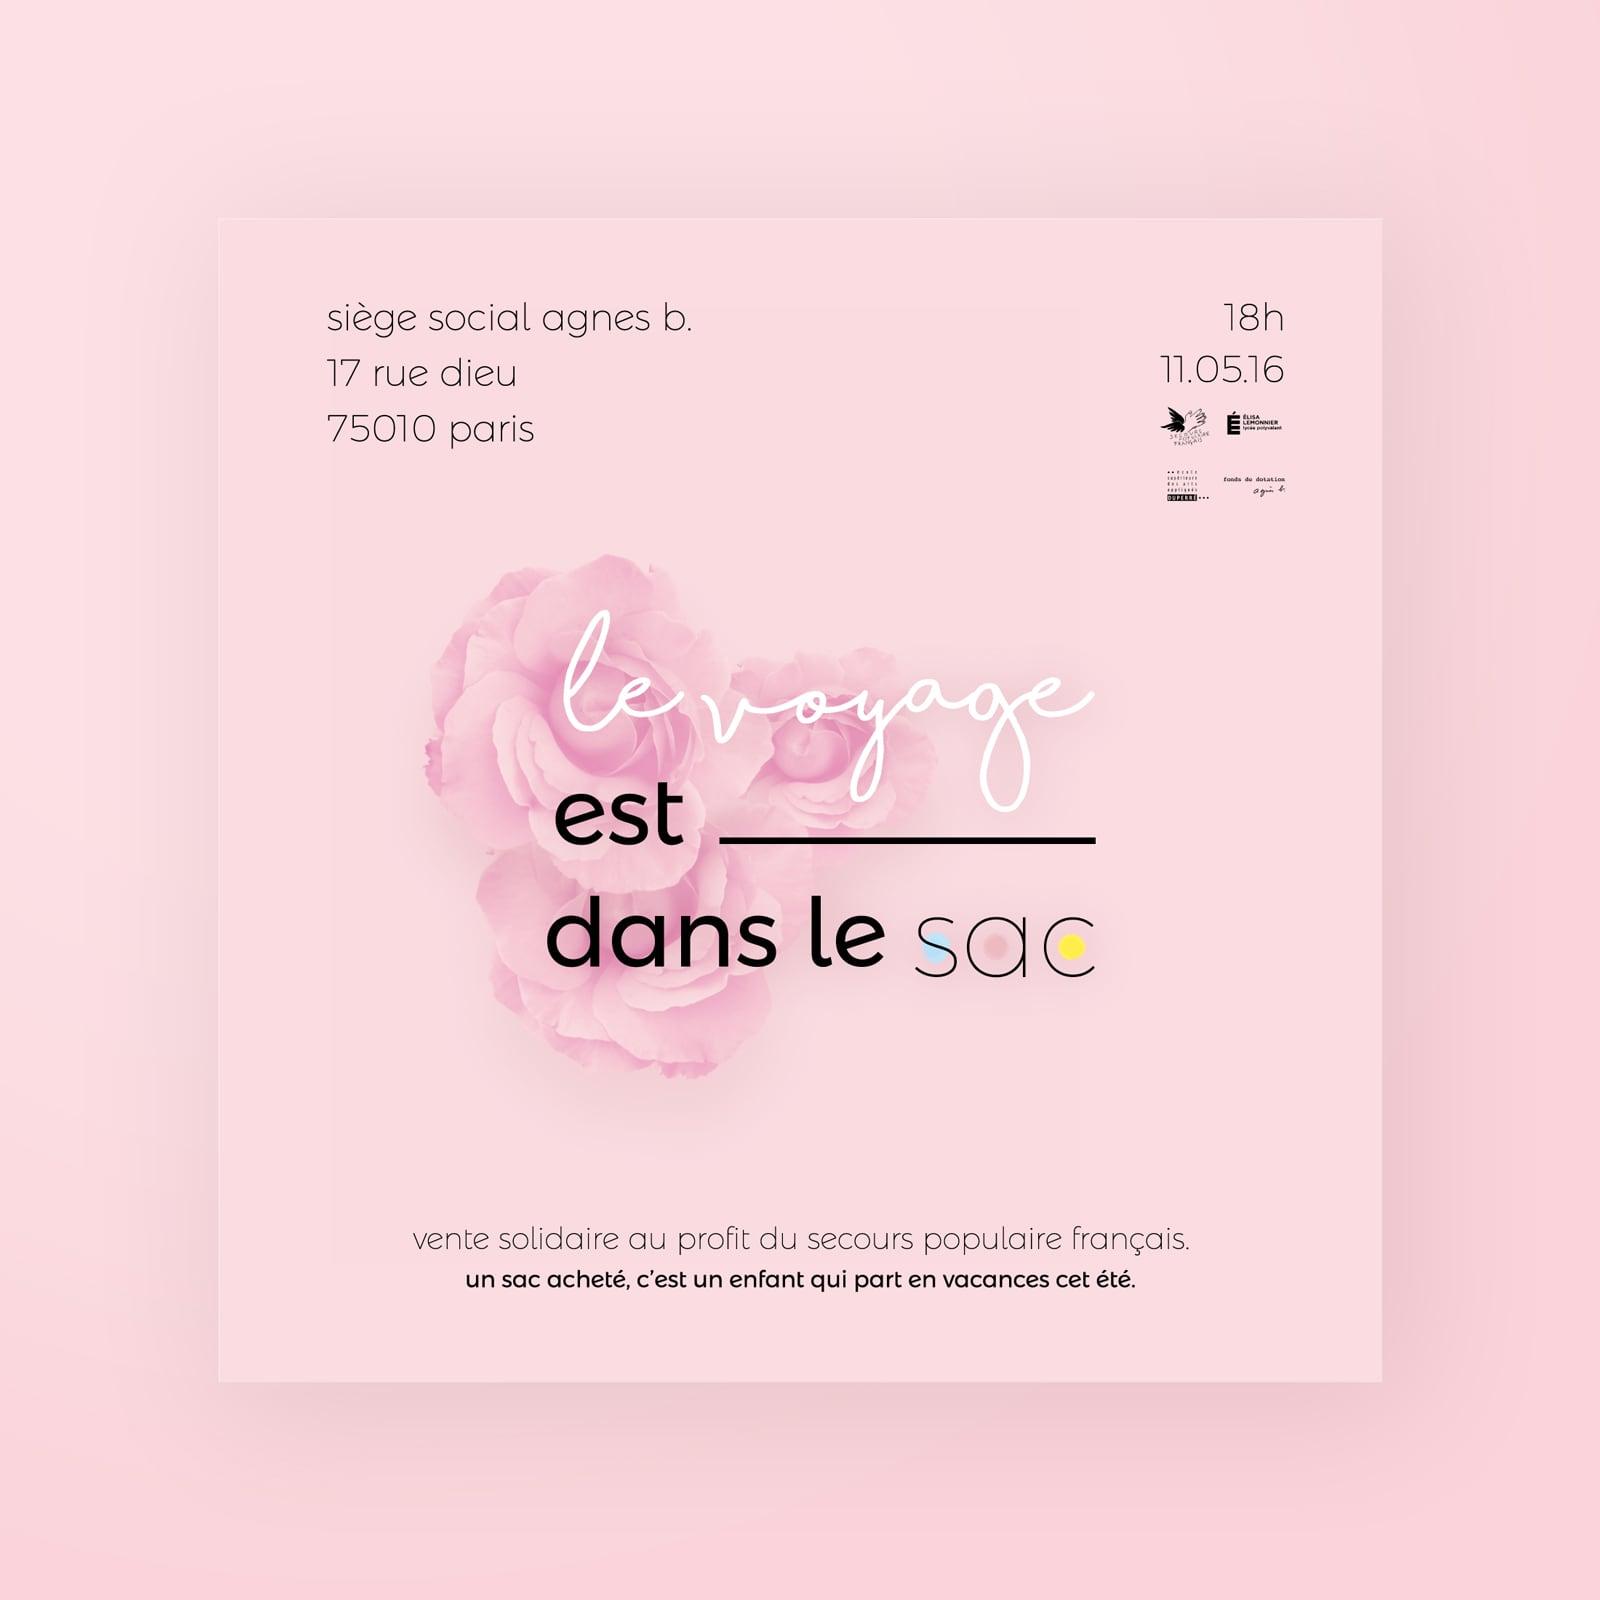 secours-populaire-paris-instagram-post-communication-digital